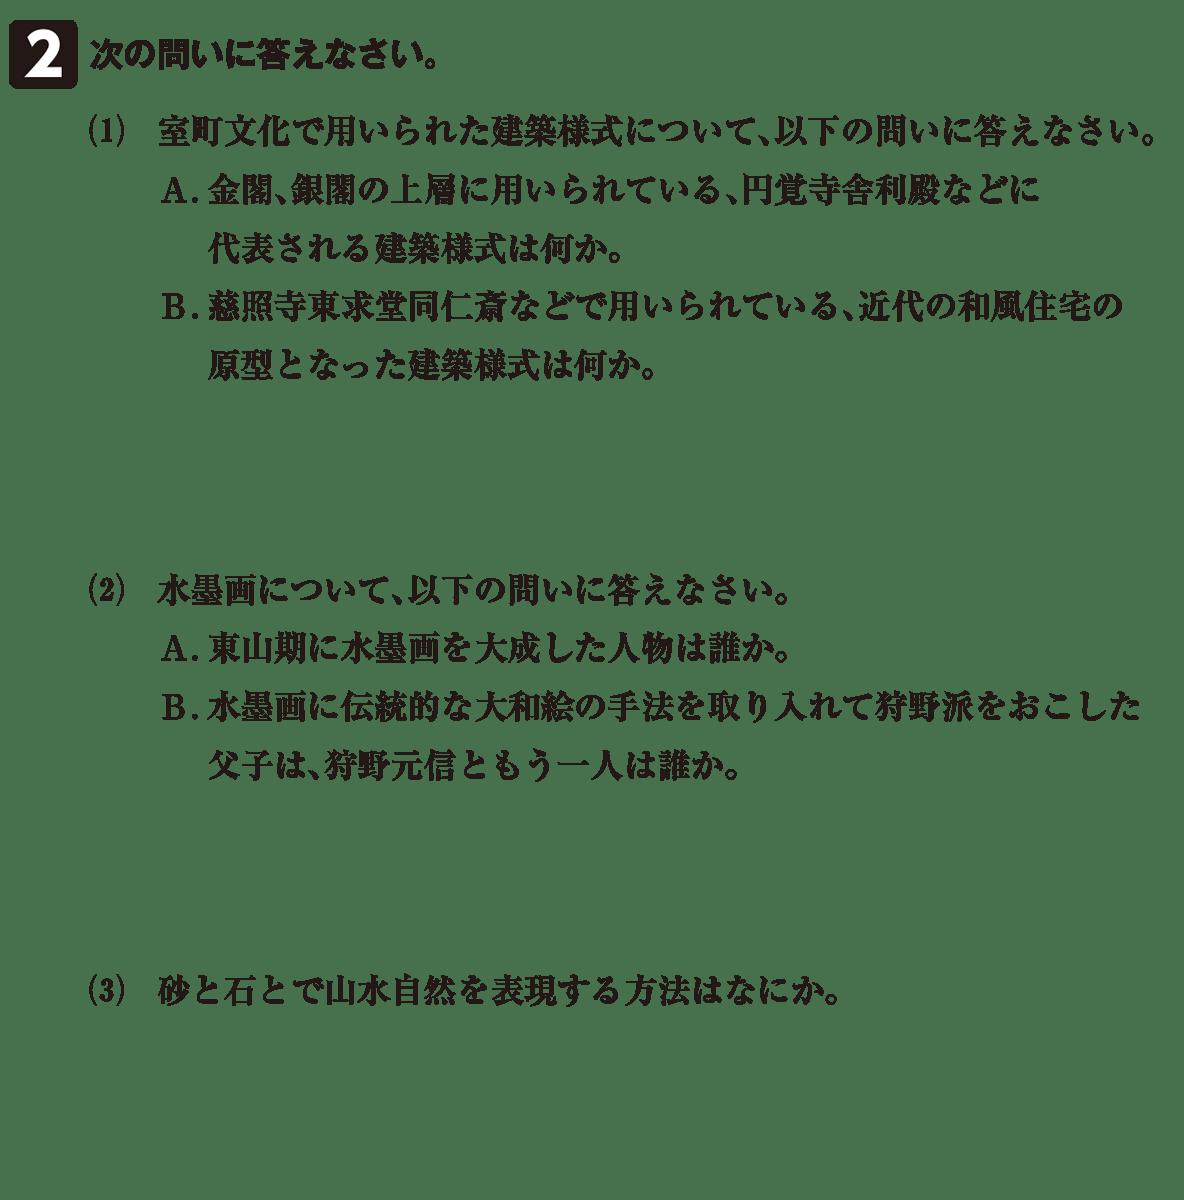 中世の文化21 問題2 問題